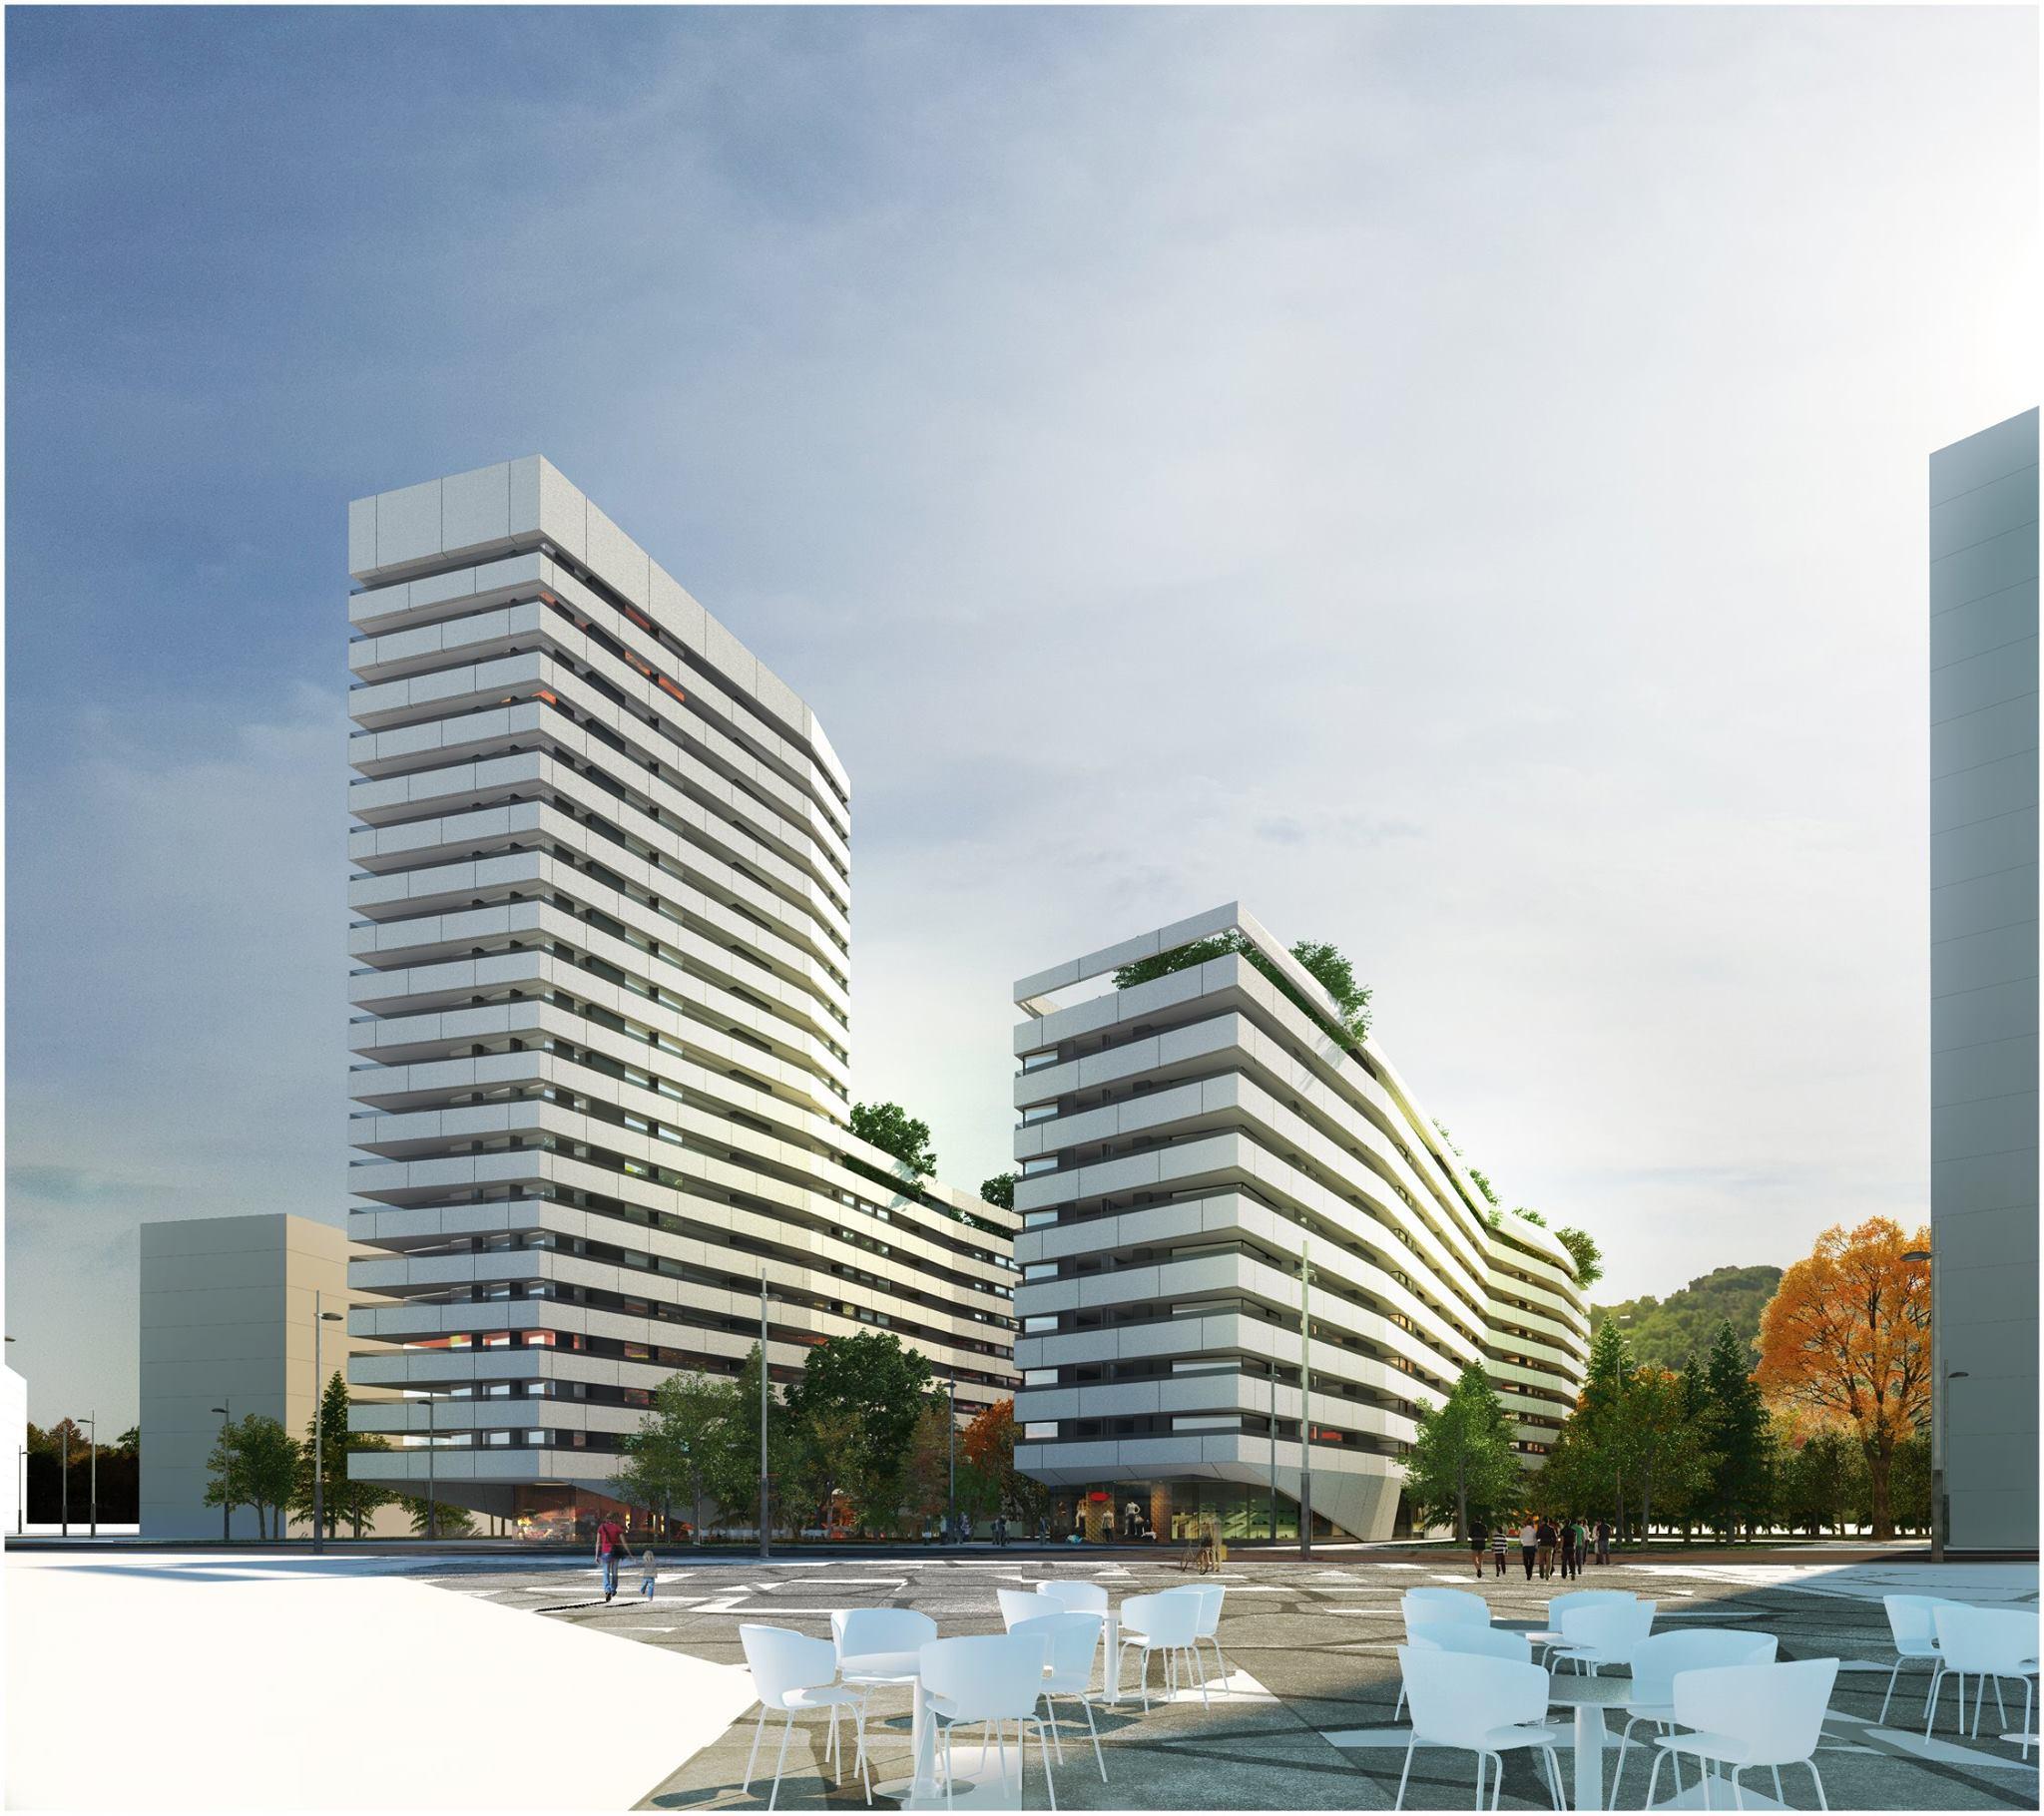 Bolueta homes as ser el nuevo rascacielos de neinor en bilbao bilbao en construcci n - Estudios arquitectura bilbao ...